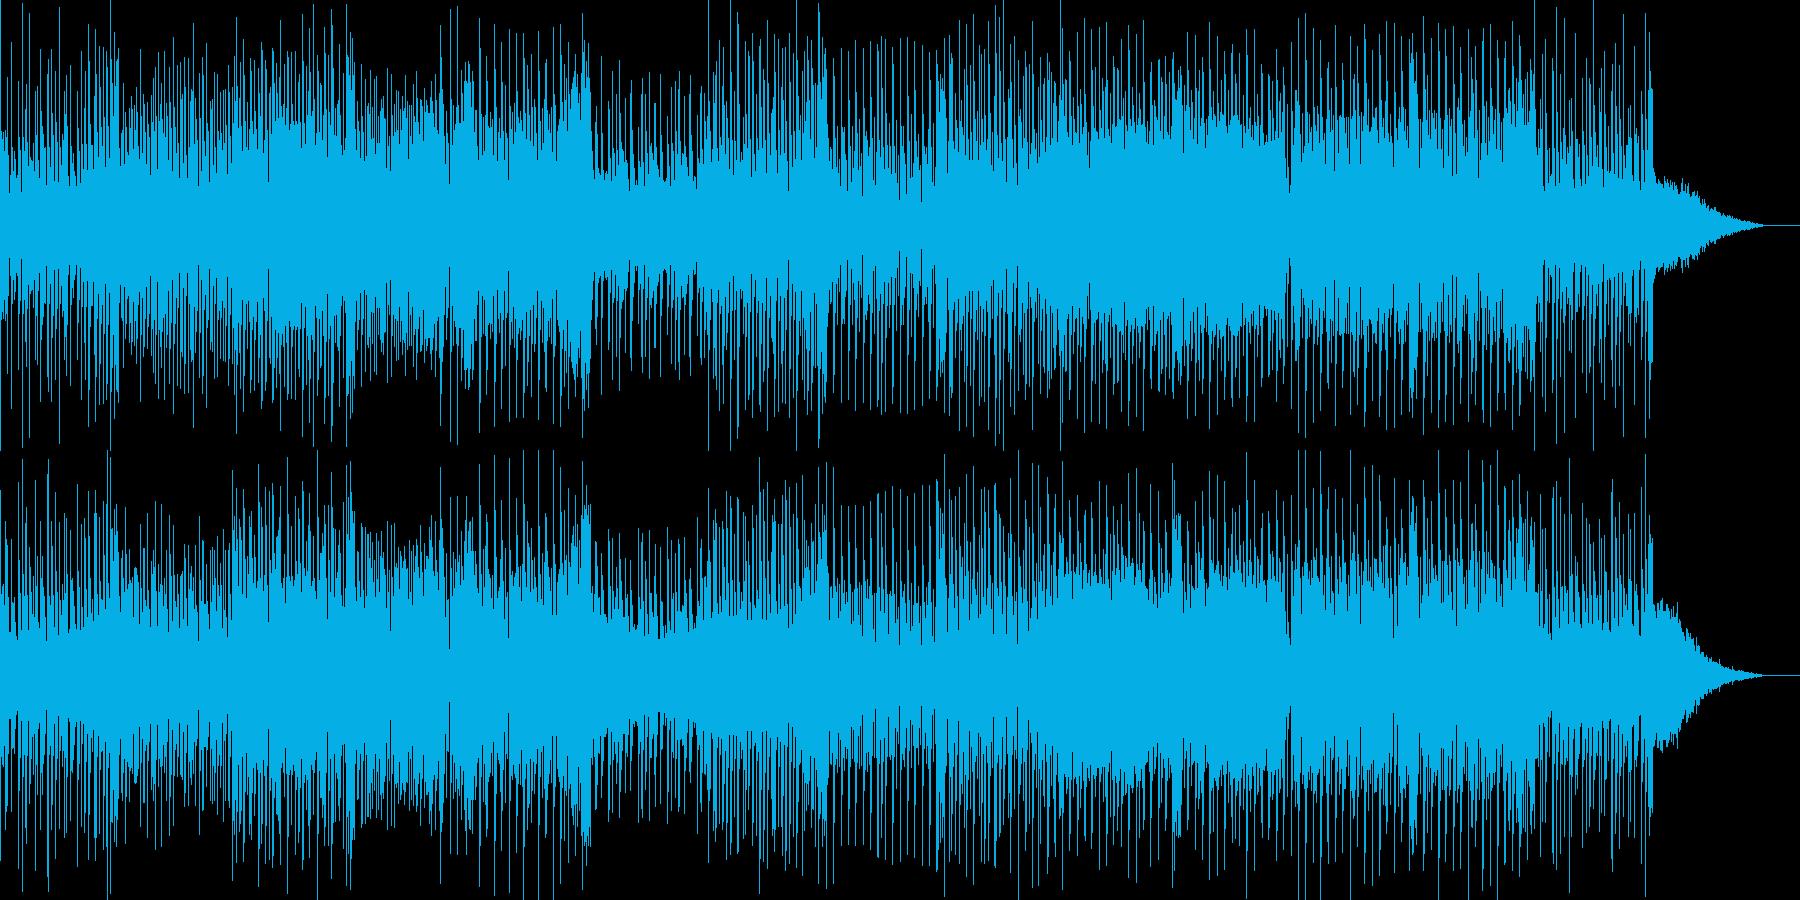 切ないフレーズが印象的なテクノ曲の再生済みの波形